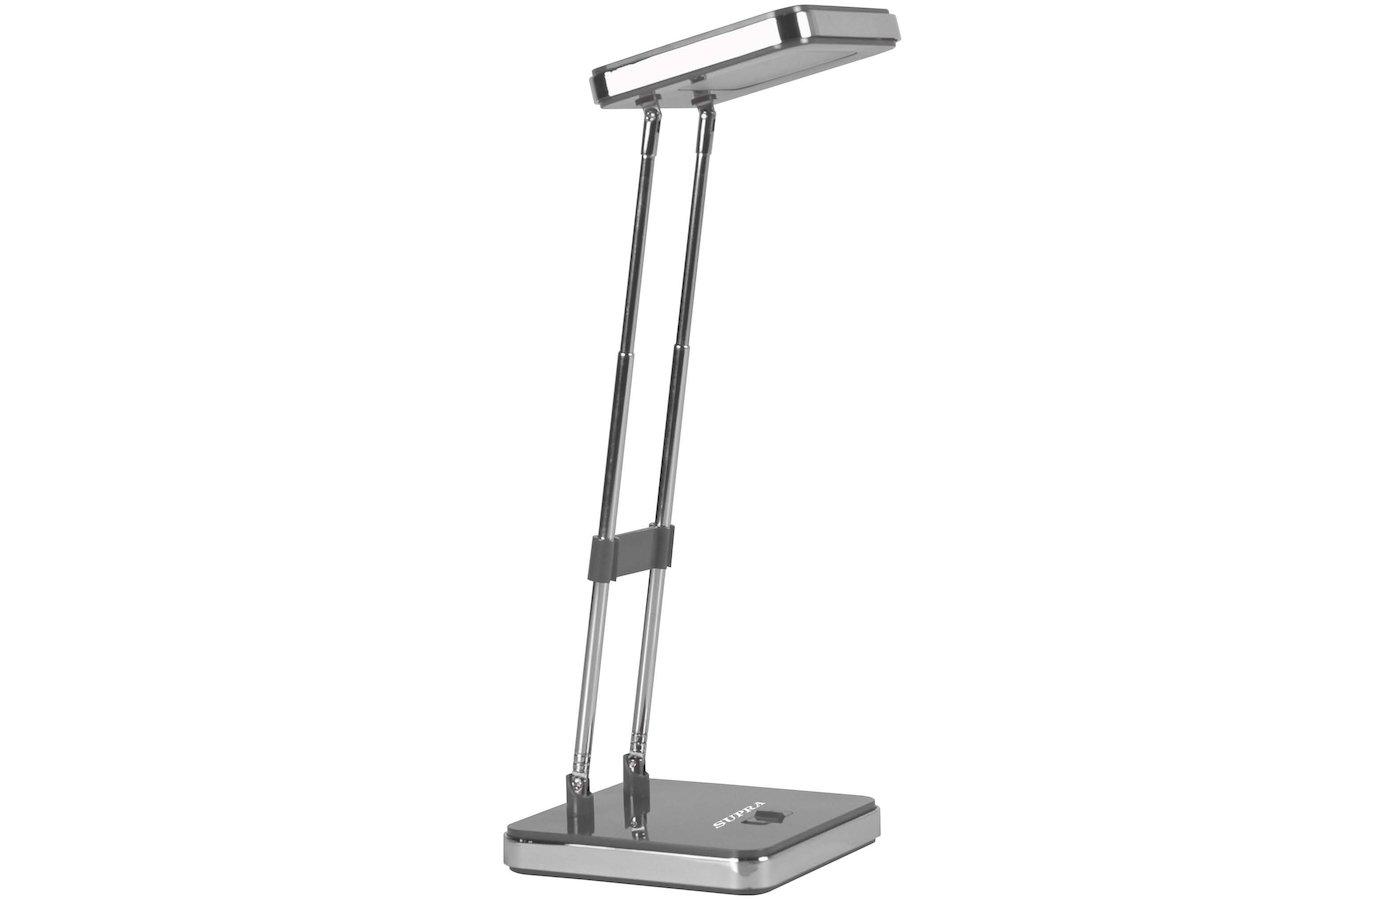 Светильник настольный SUPRA SL-TL201 grey LED 3 Вт. телескопическая подставка